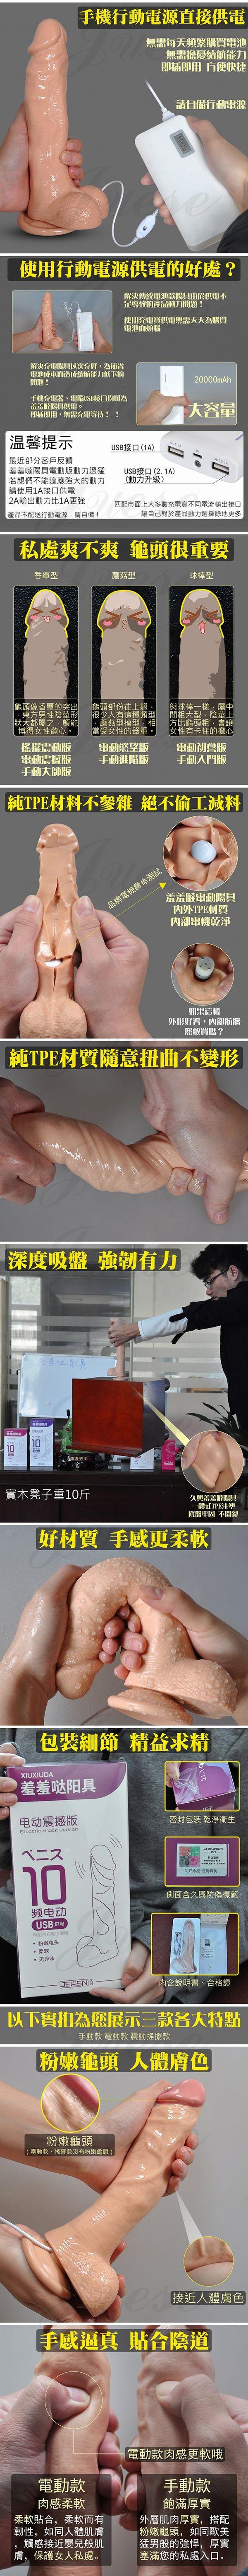 附圖4-香港久興-羞羞躂10段變頻震動USB供電吸盤老二棒-震撼版